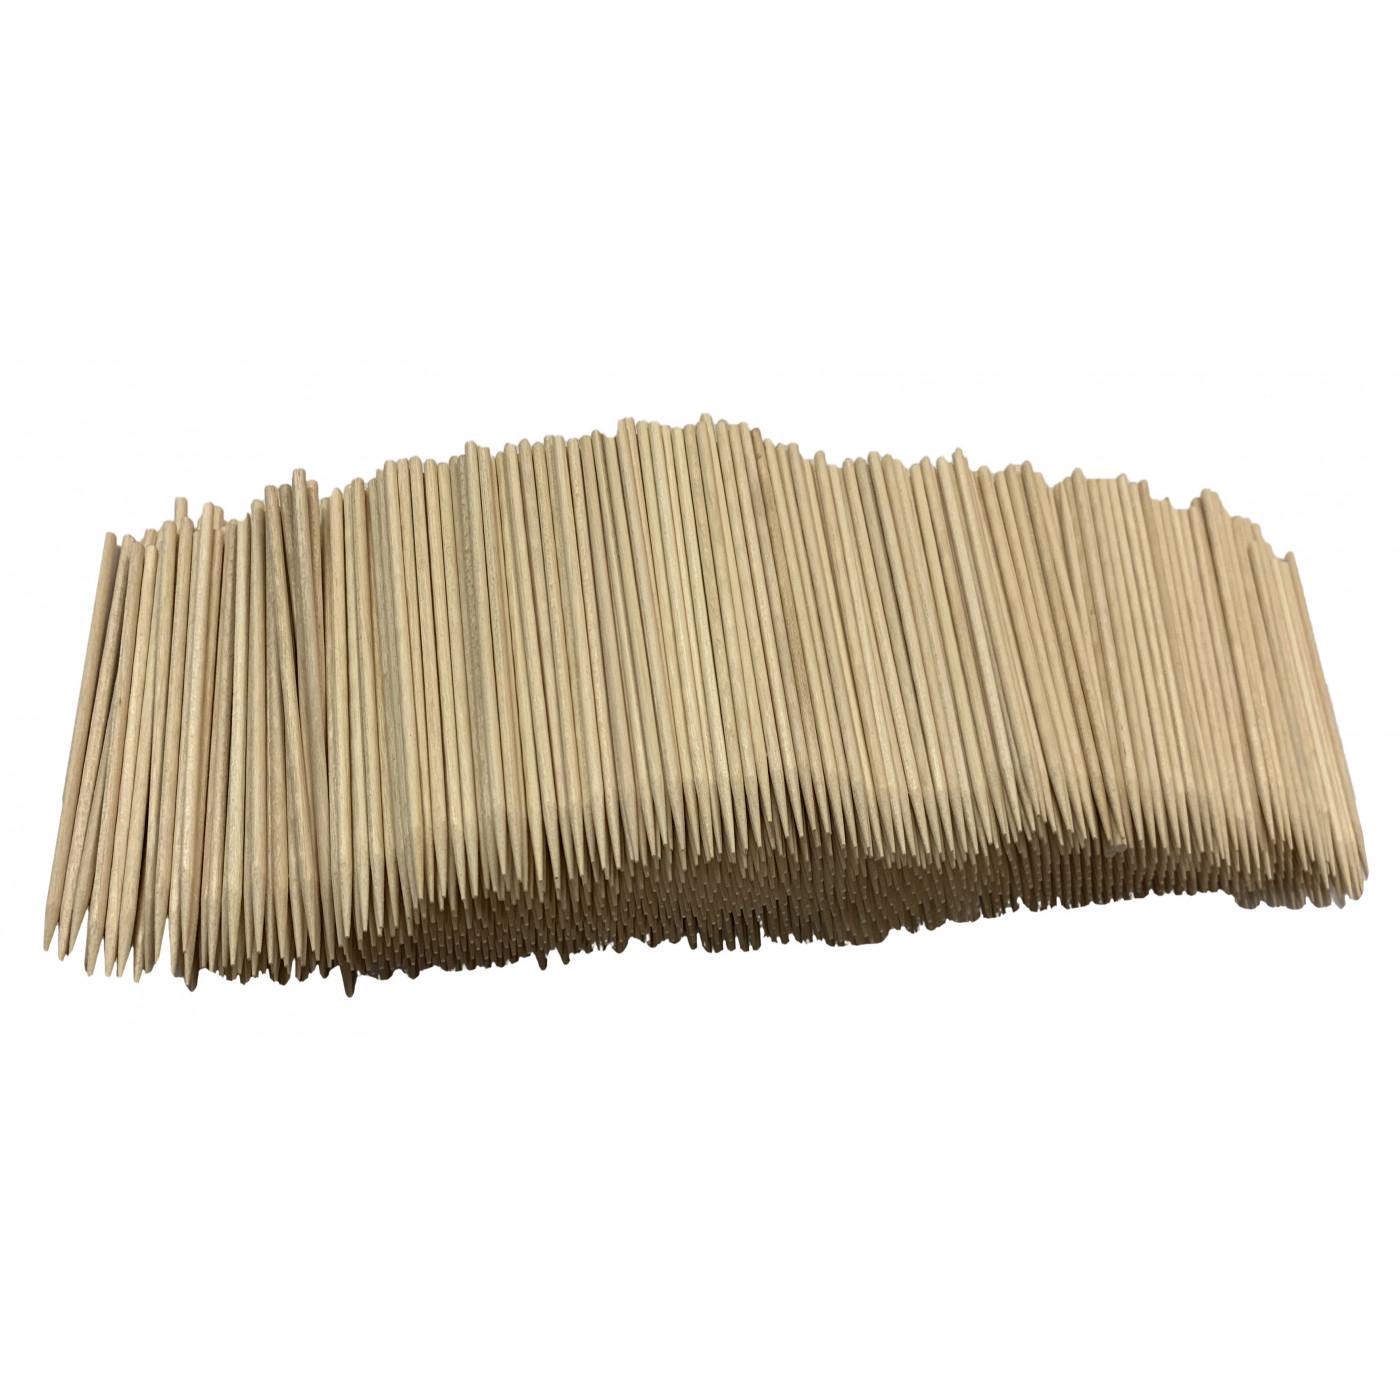 Zestaw 1500 drewnianych patyczków (2,5 mm x 11 cm)  - 1